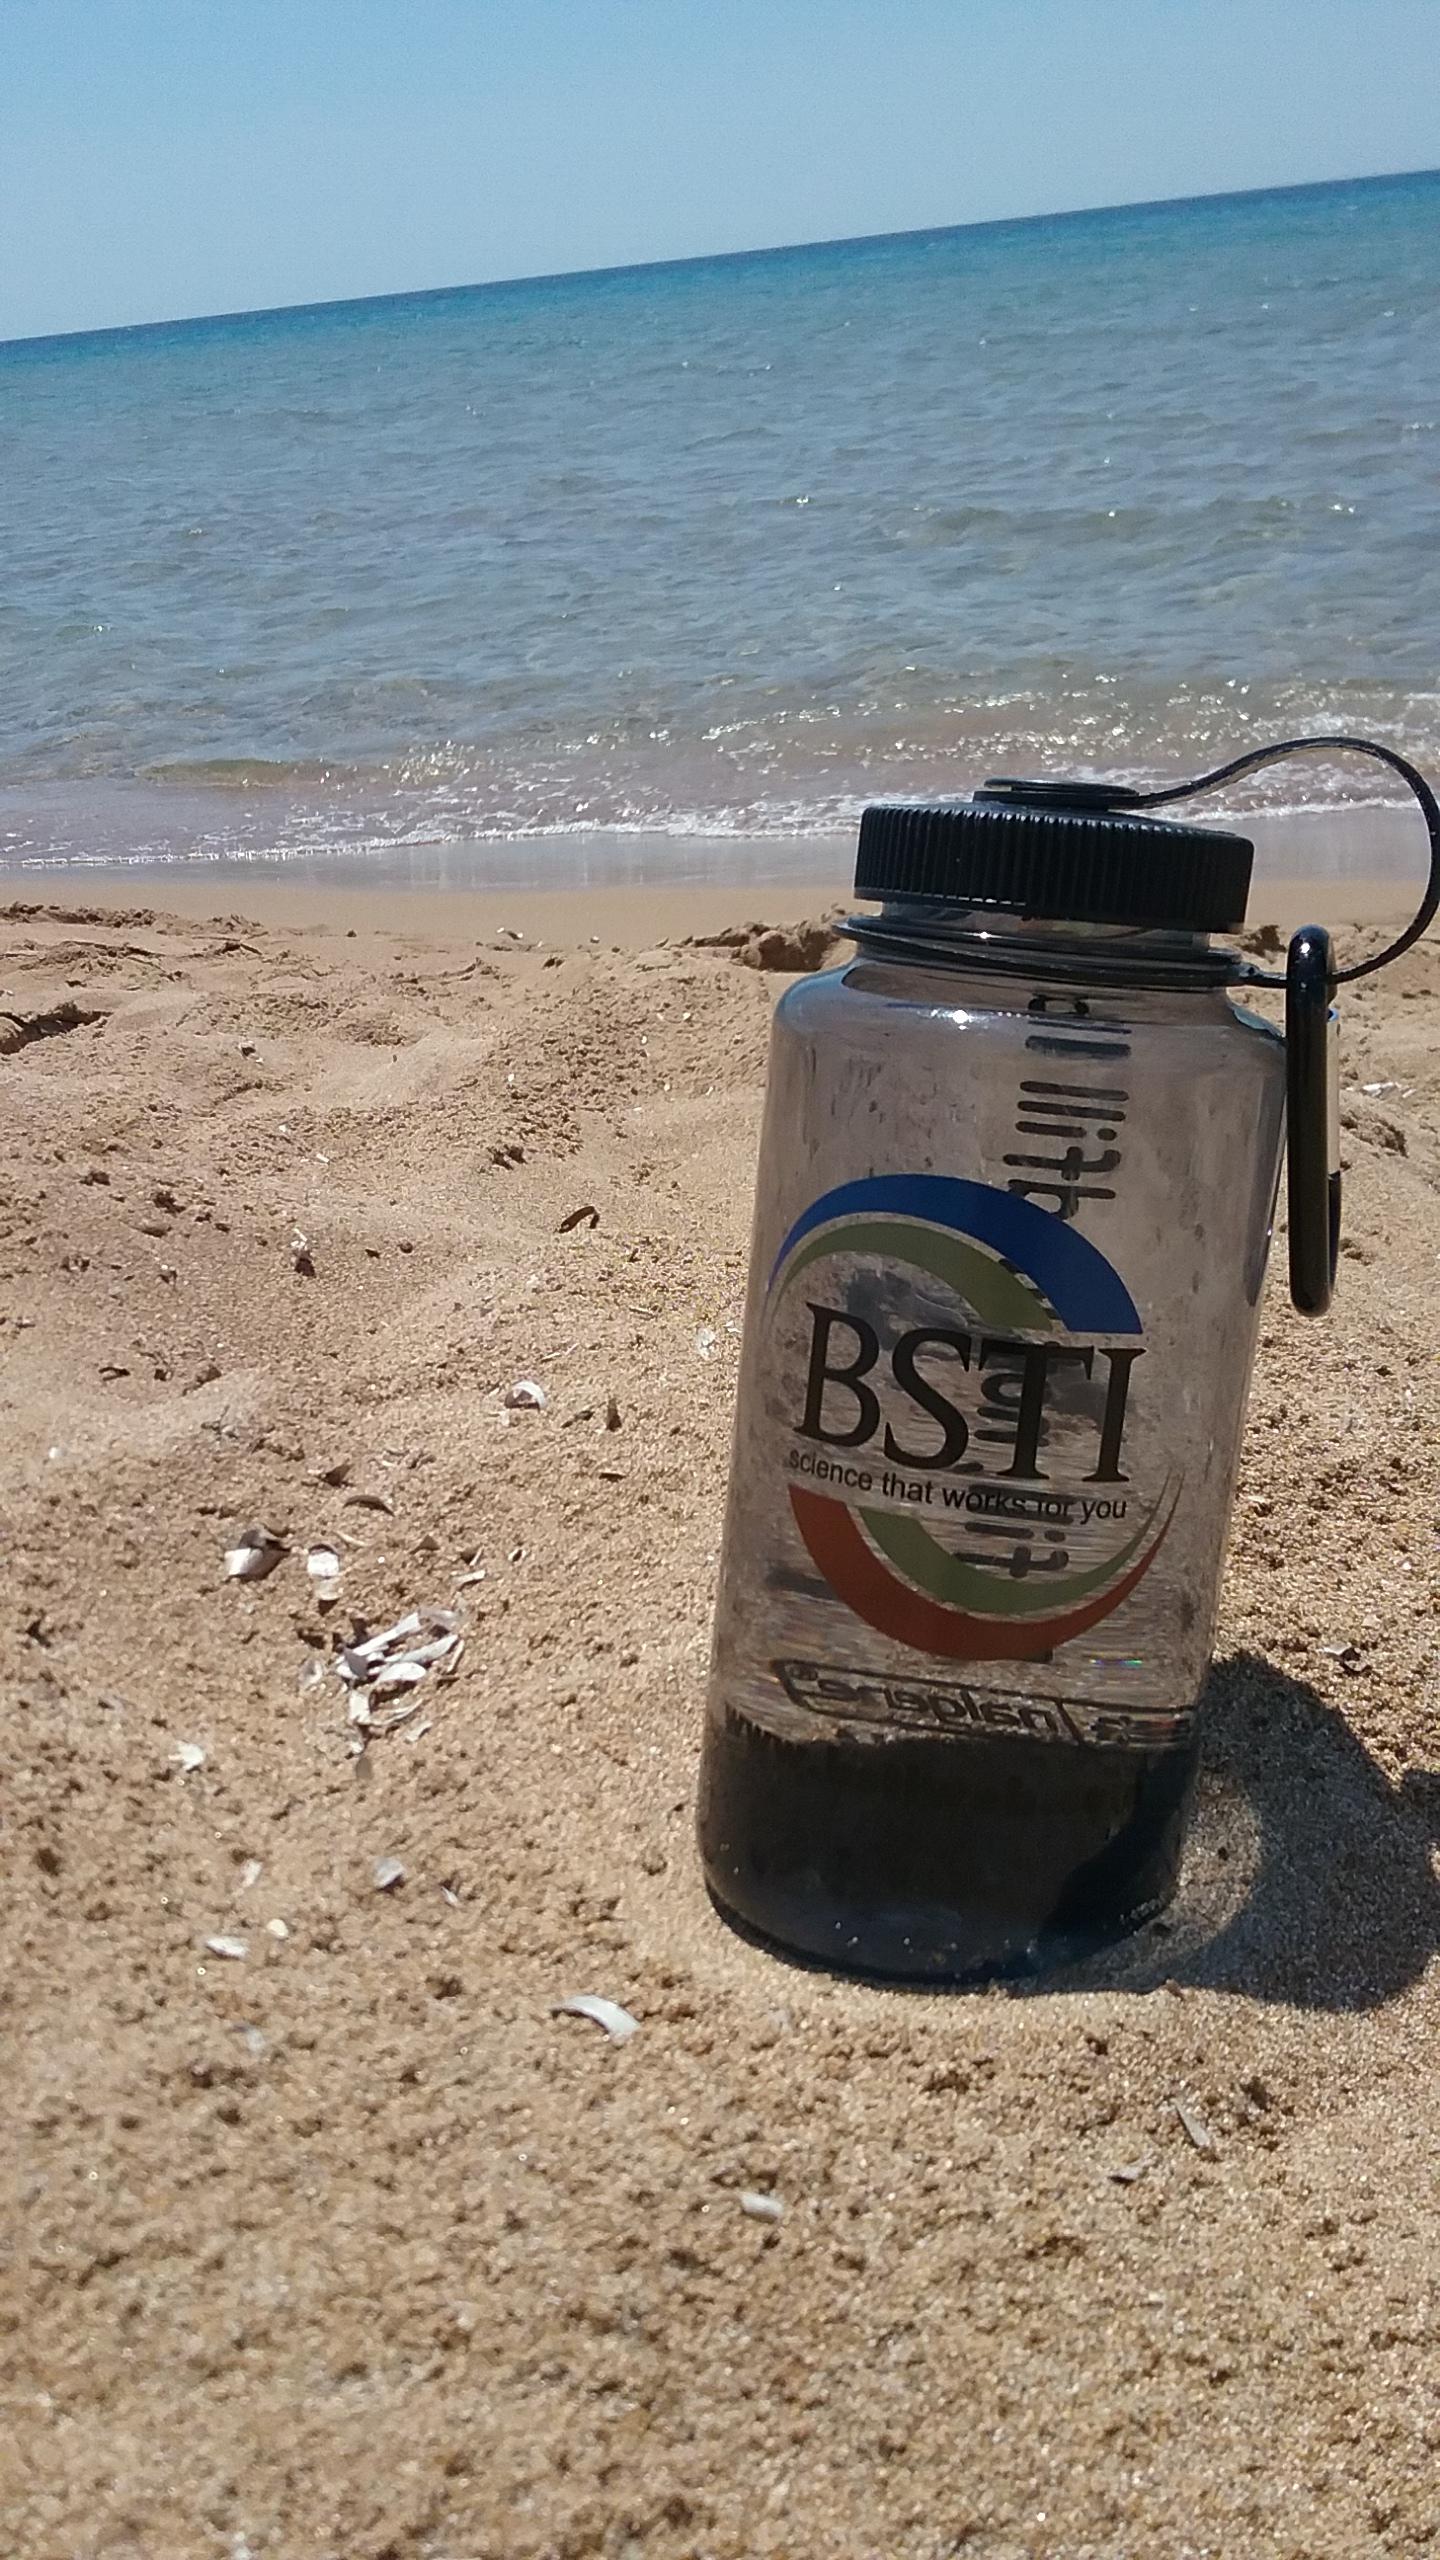 Enjoying the beach in Corfu, Greece